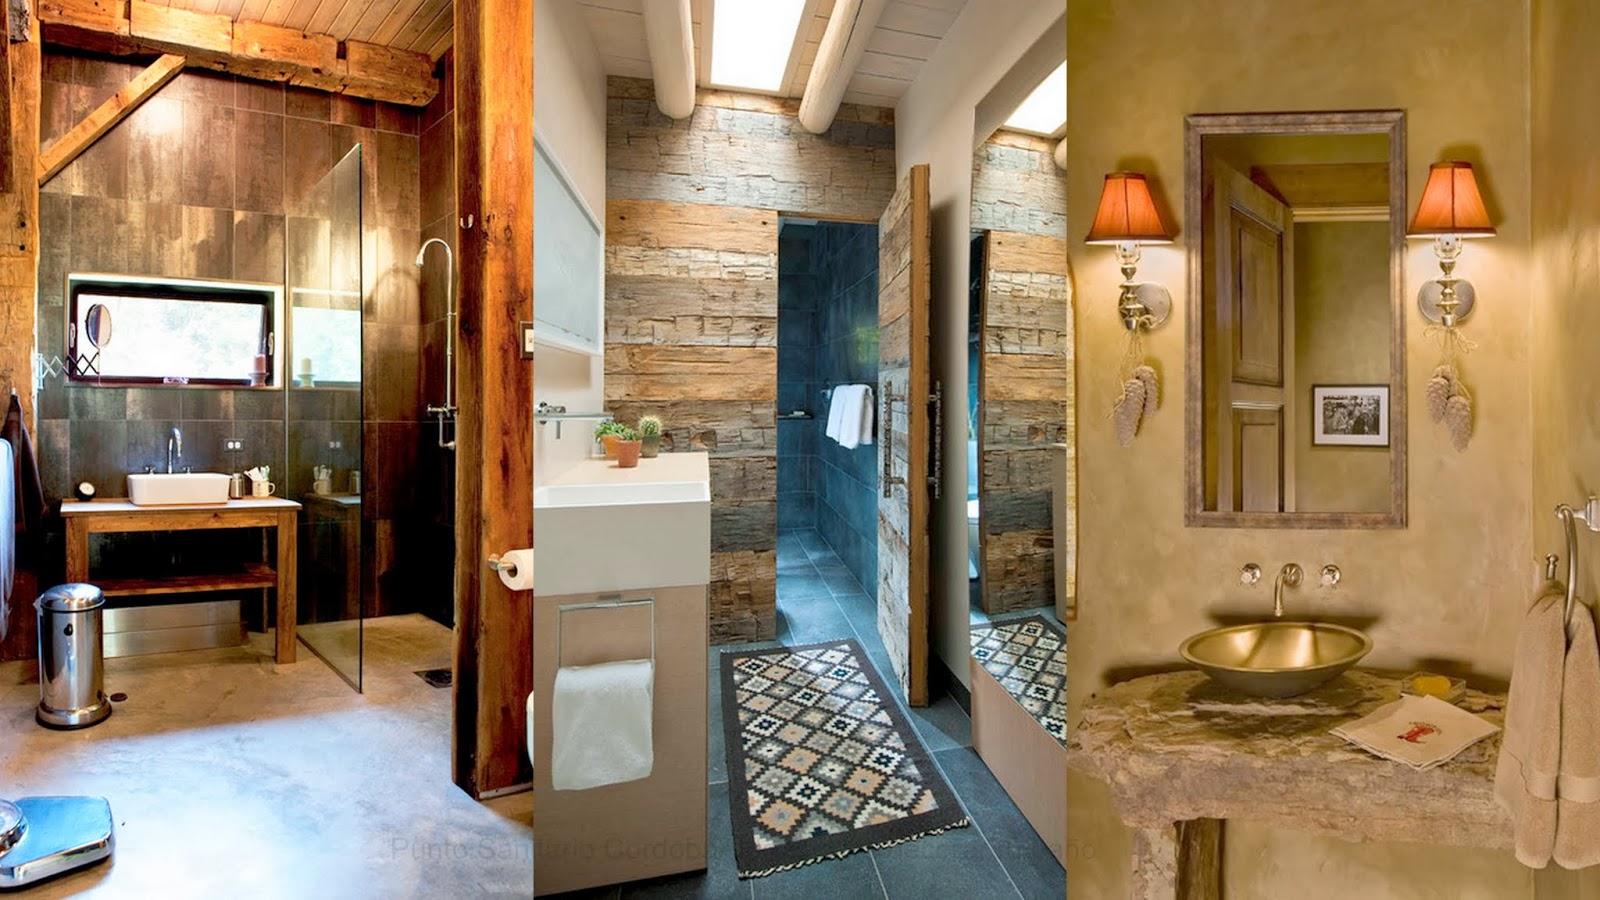 El estilo r stico m s fresco y natural jujuy al momento for Duchas rusticas piedra